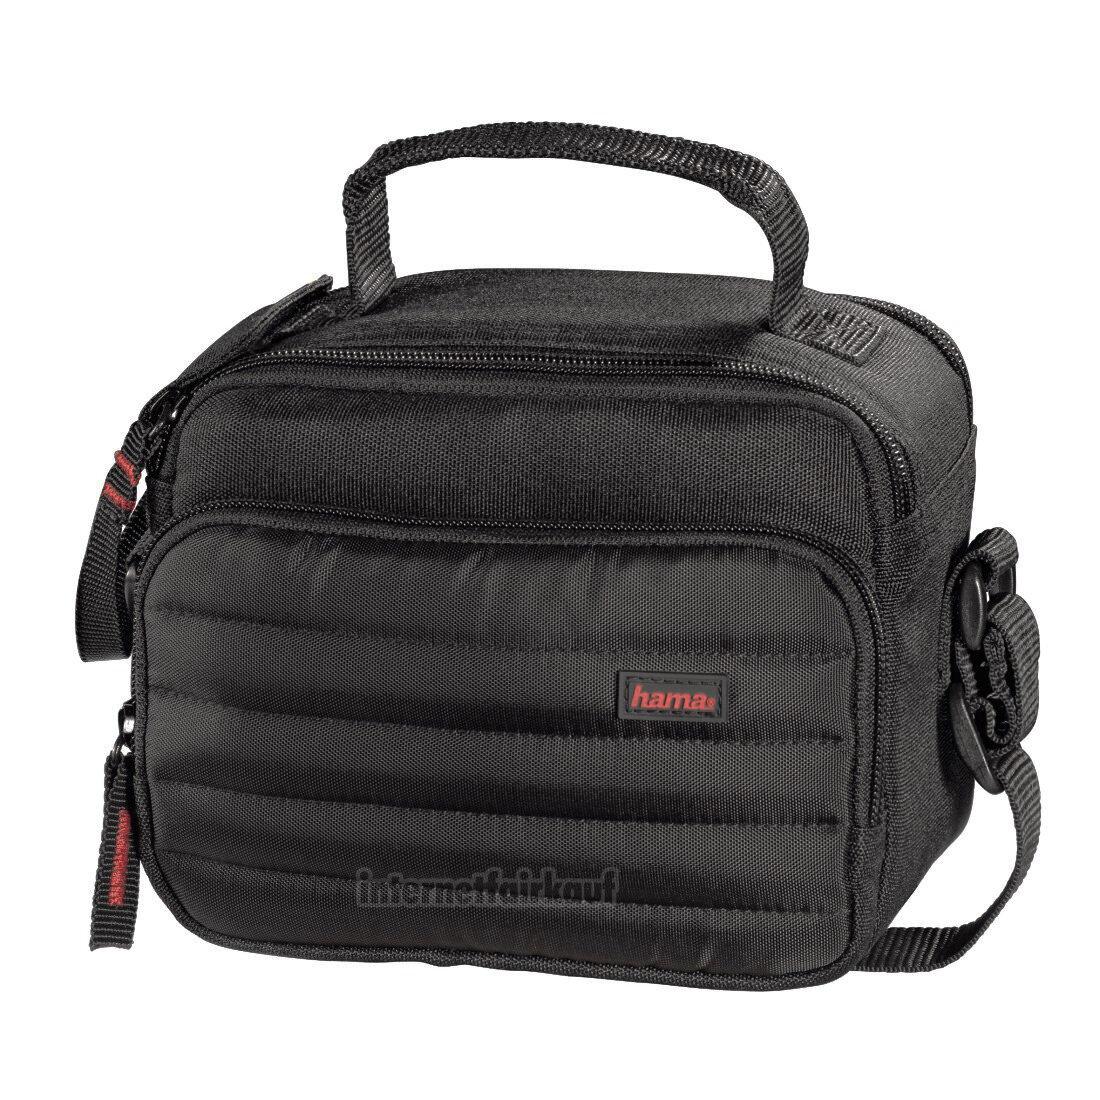 Fototasche Kameratasche passend für Panasonic Lumix FZ1000